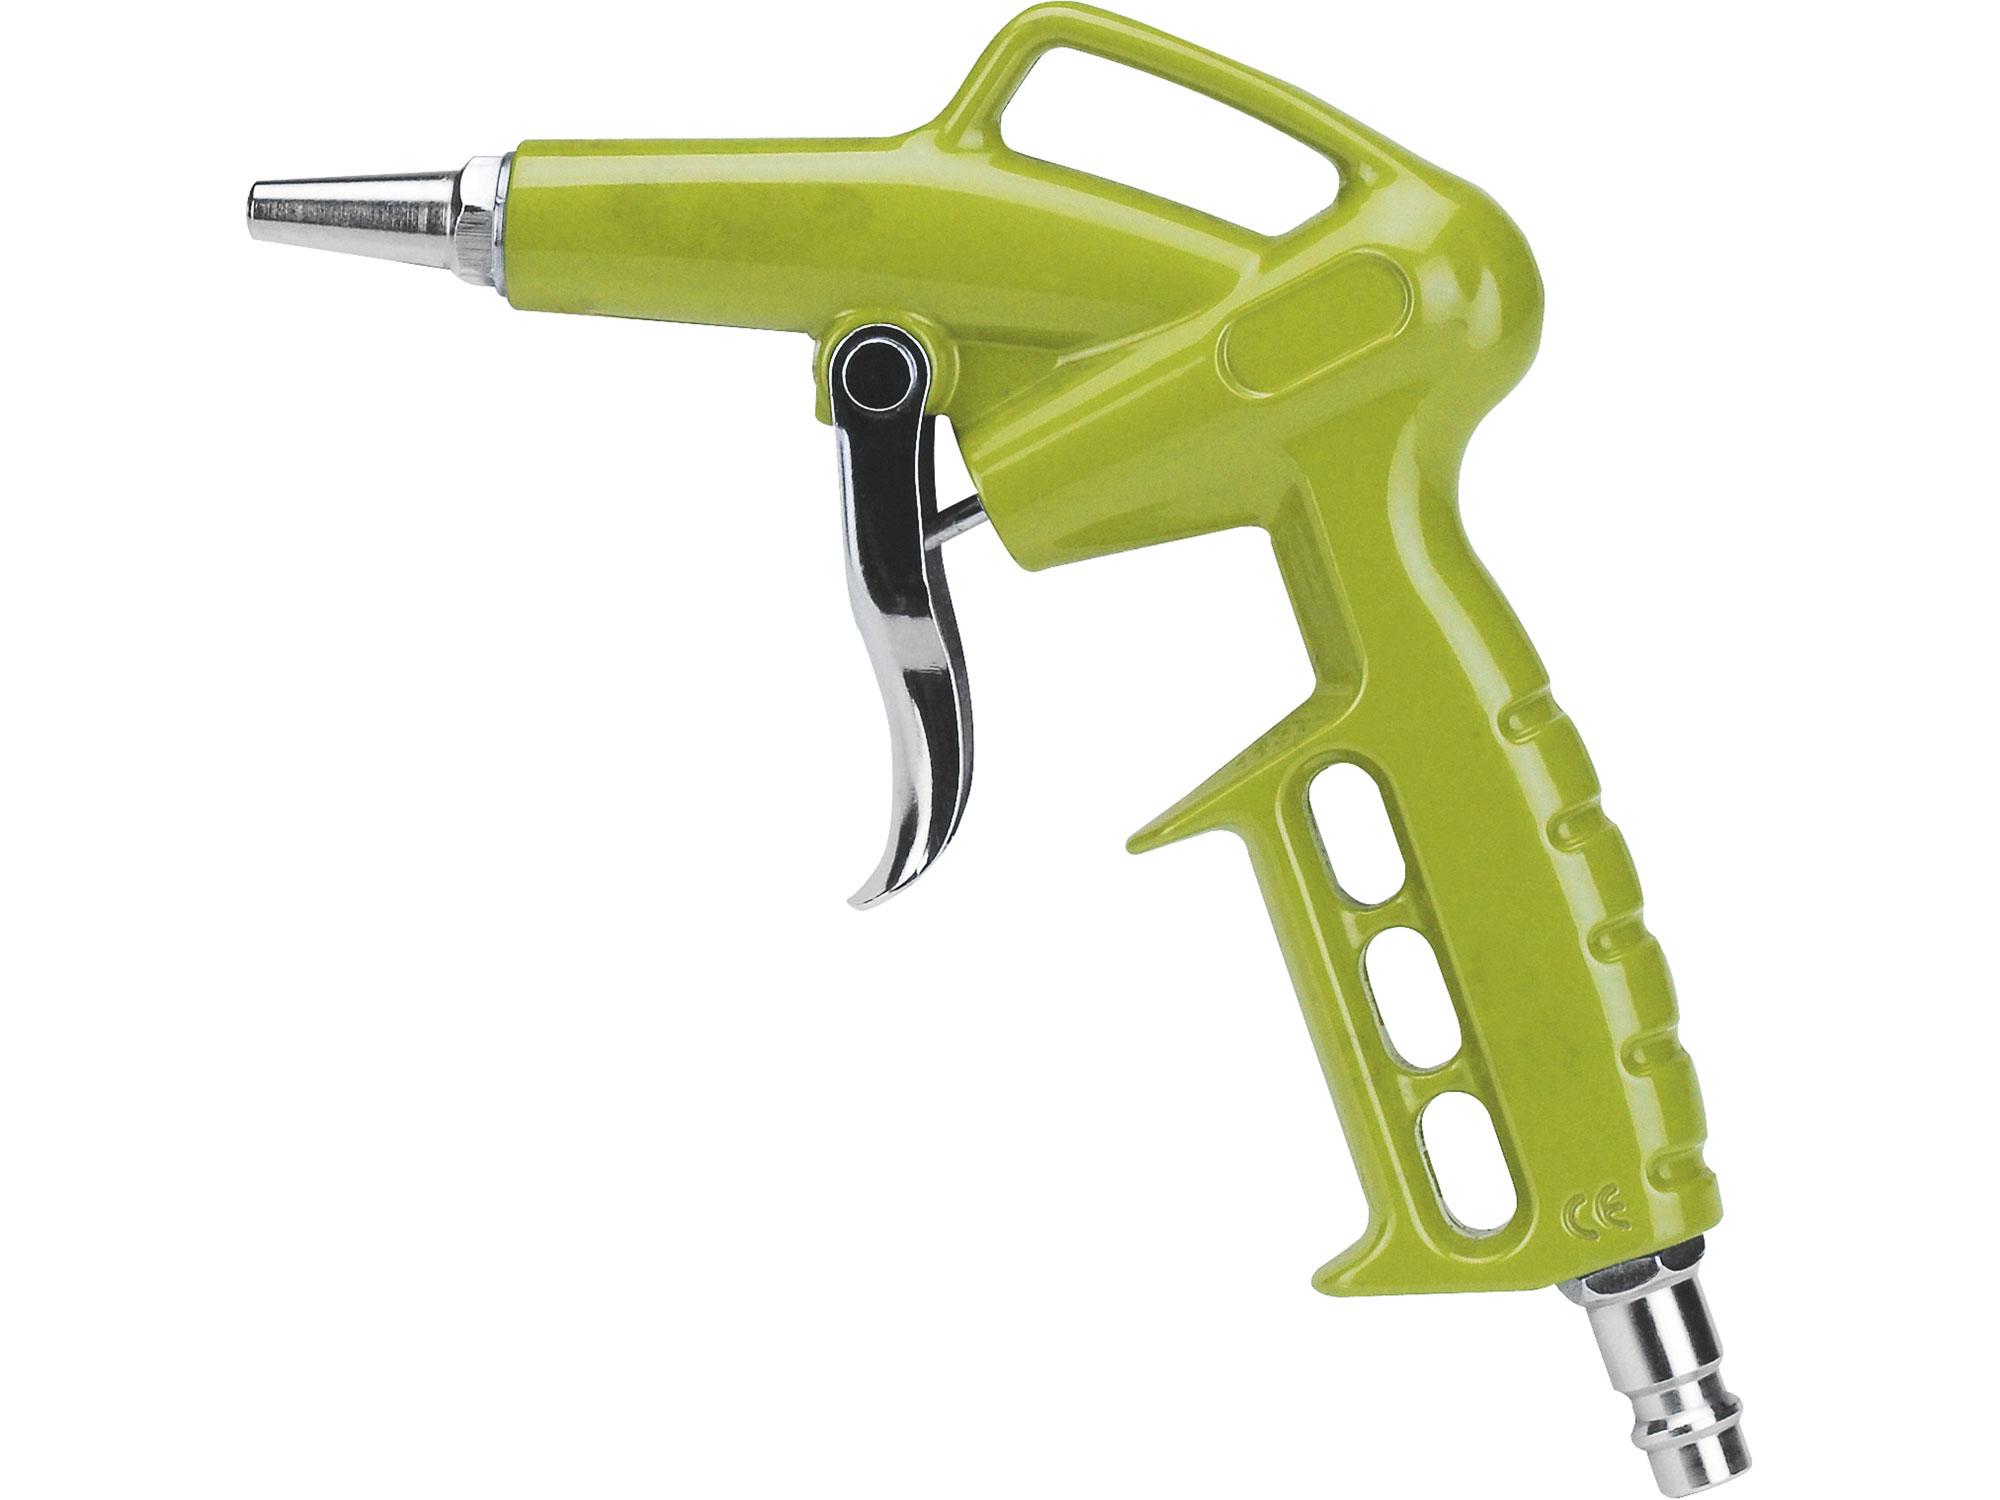 Pistole ofukovací EXTOL CRAFT 99311